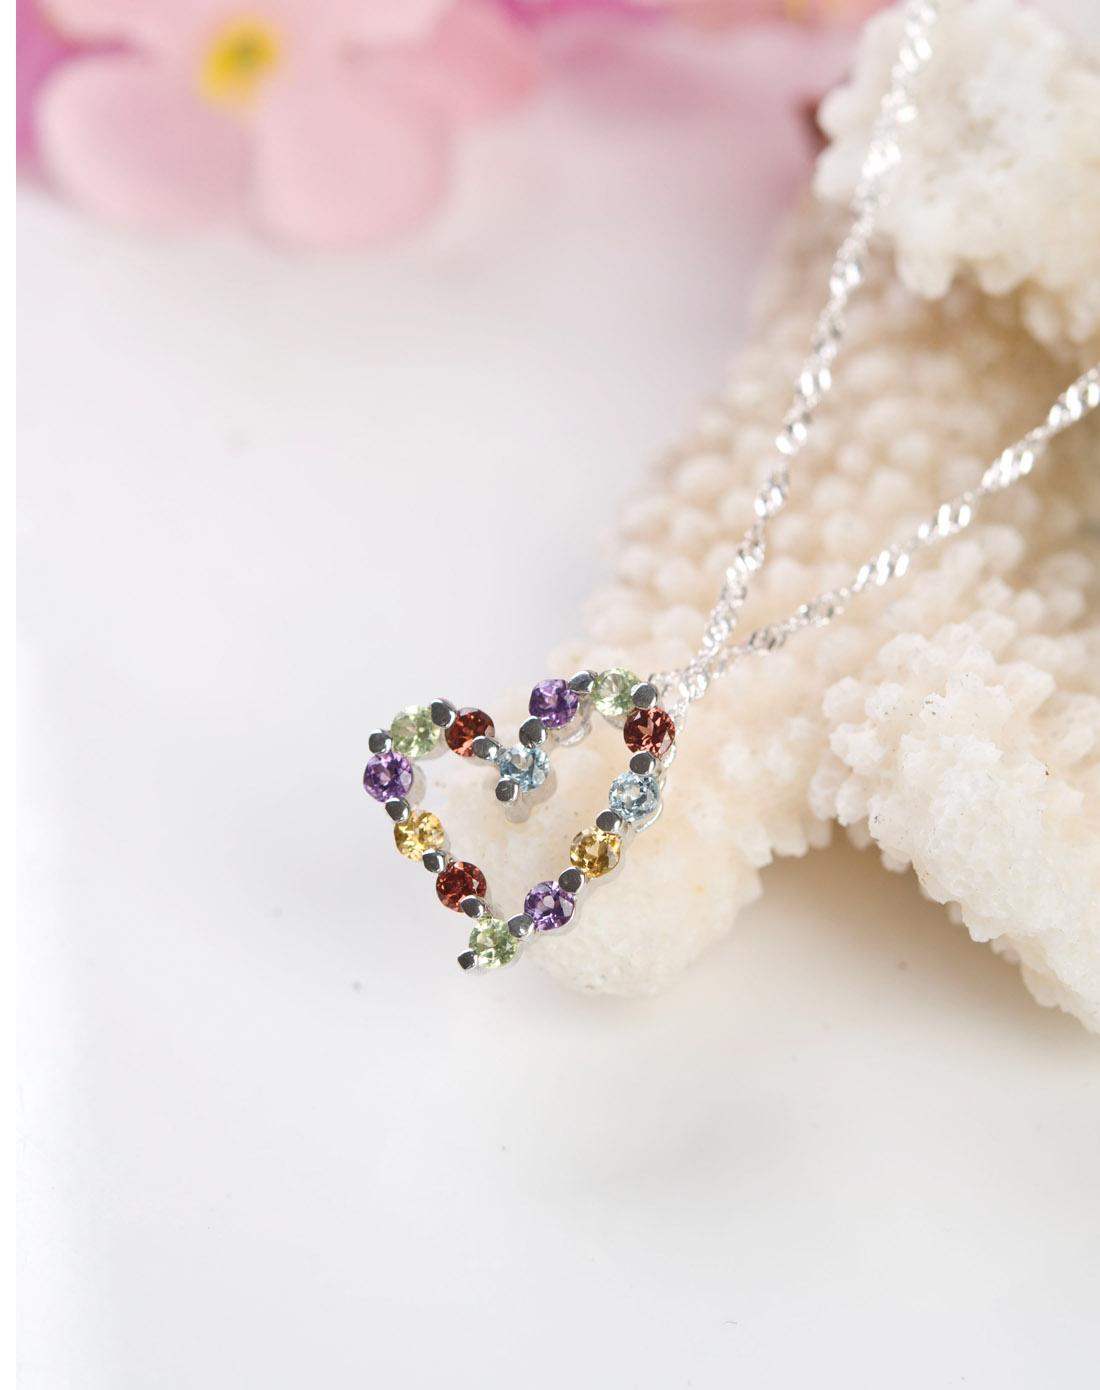 彩色宝石吊坠